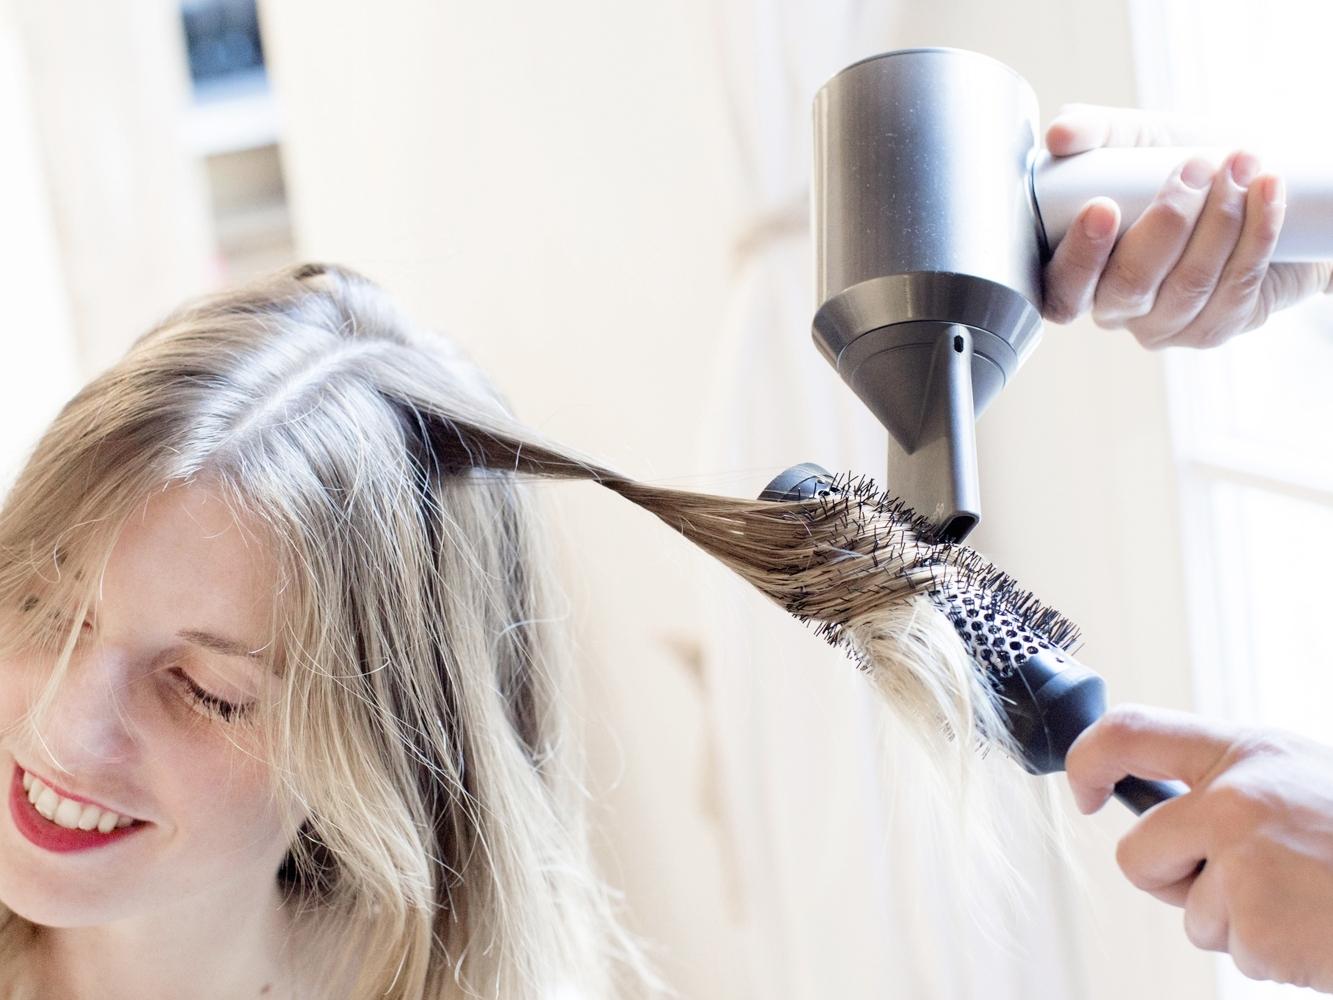 ÉVÉNEMENTIEL - Nous proposons des animations sur-mesure pour vos événements :- Atelier coiffure (hair bar, bar à tresses, bar à chignons, etc.)- Atelier makeup- Atelier auto-coiffage